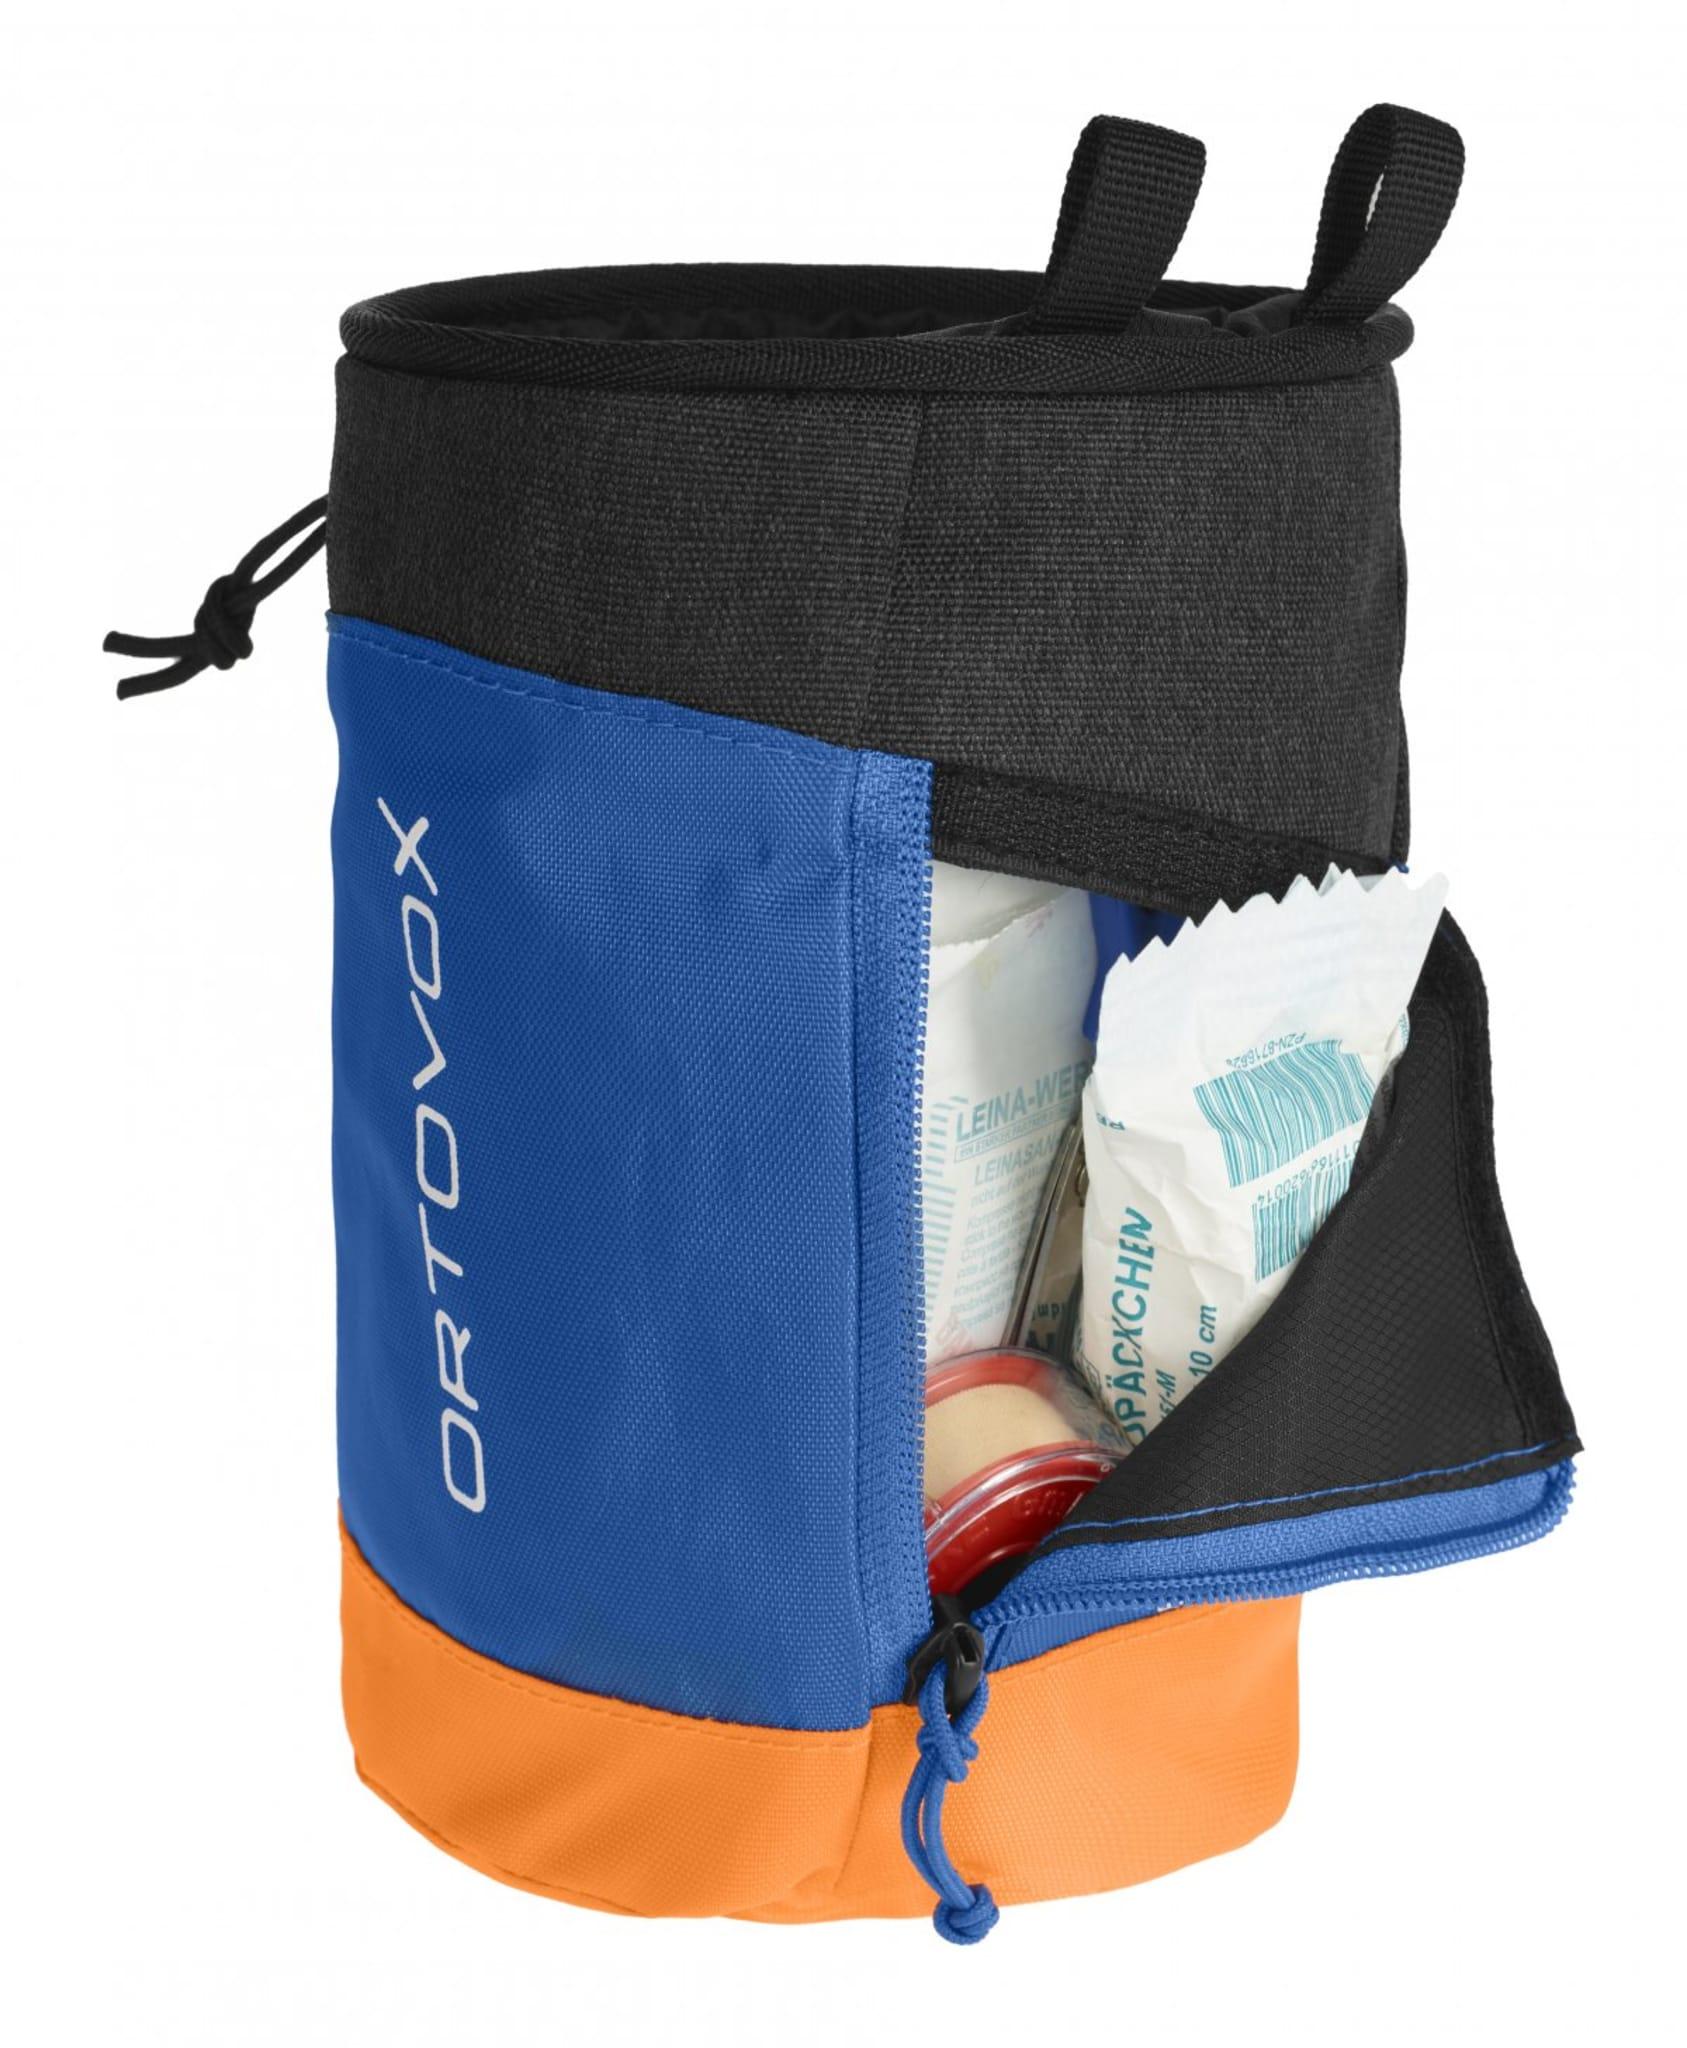 Kalkpose og førstehjelpsett i en pakke